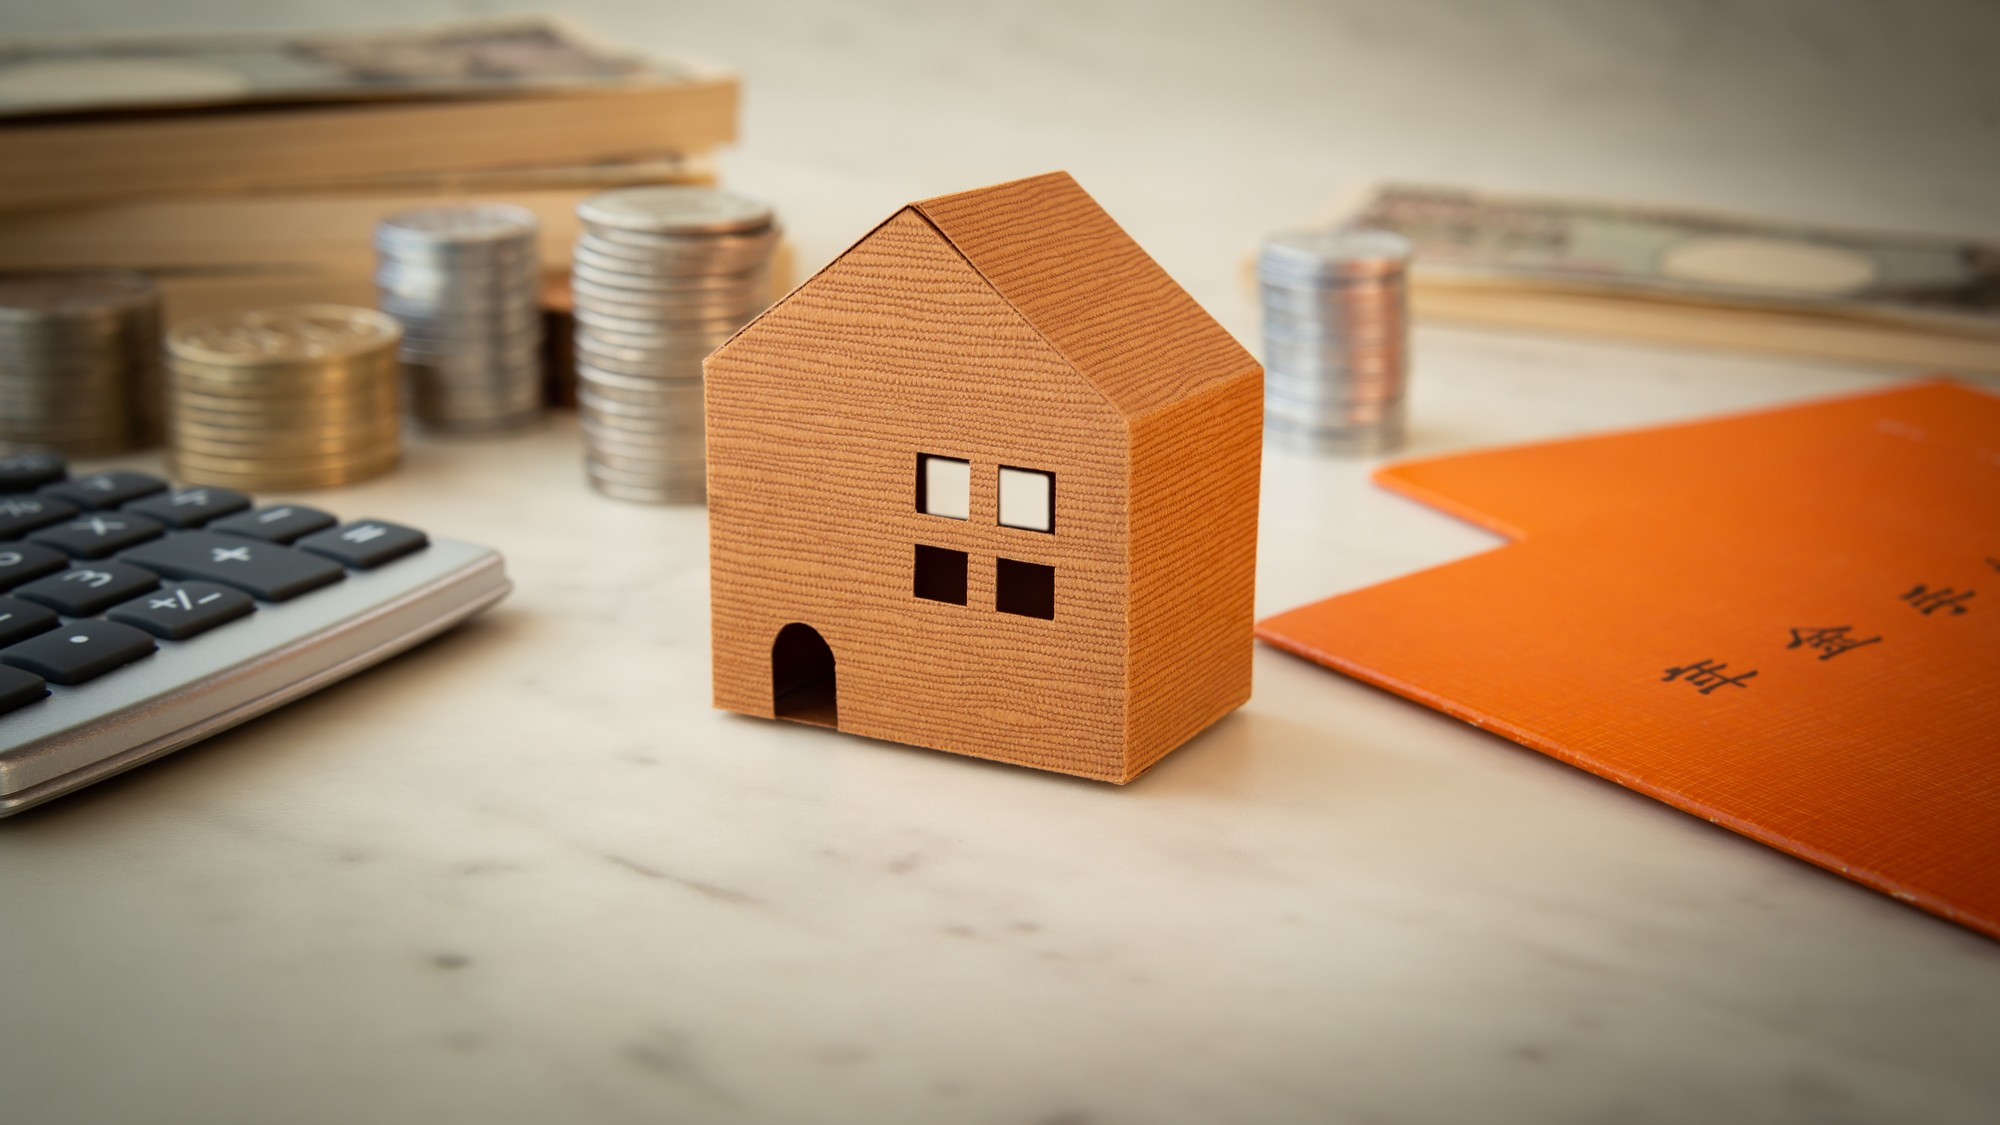 4月に始まる「配偶者居住権」制度で相続税を大幅に減税できる